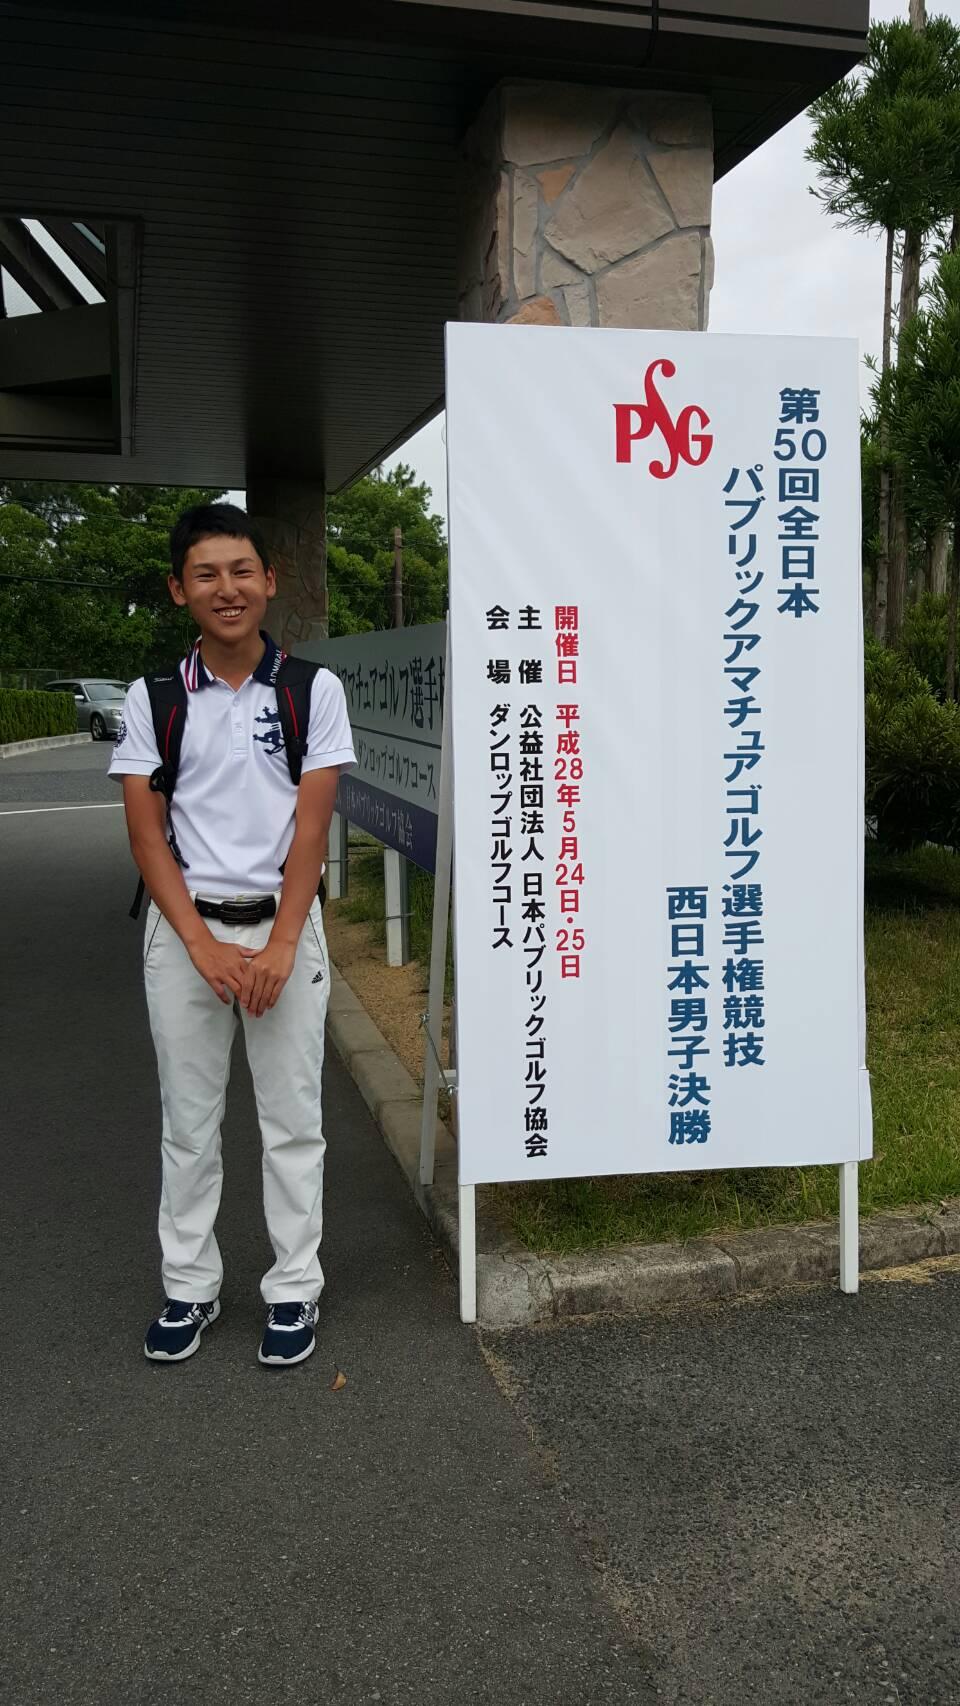 ゴルフ 選手権 パブリック 平成30年度 東日本ミッドアマチュアゴルファーズ選手権 公益社団法人